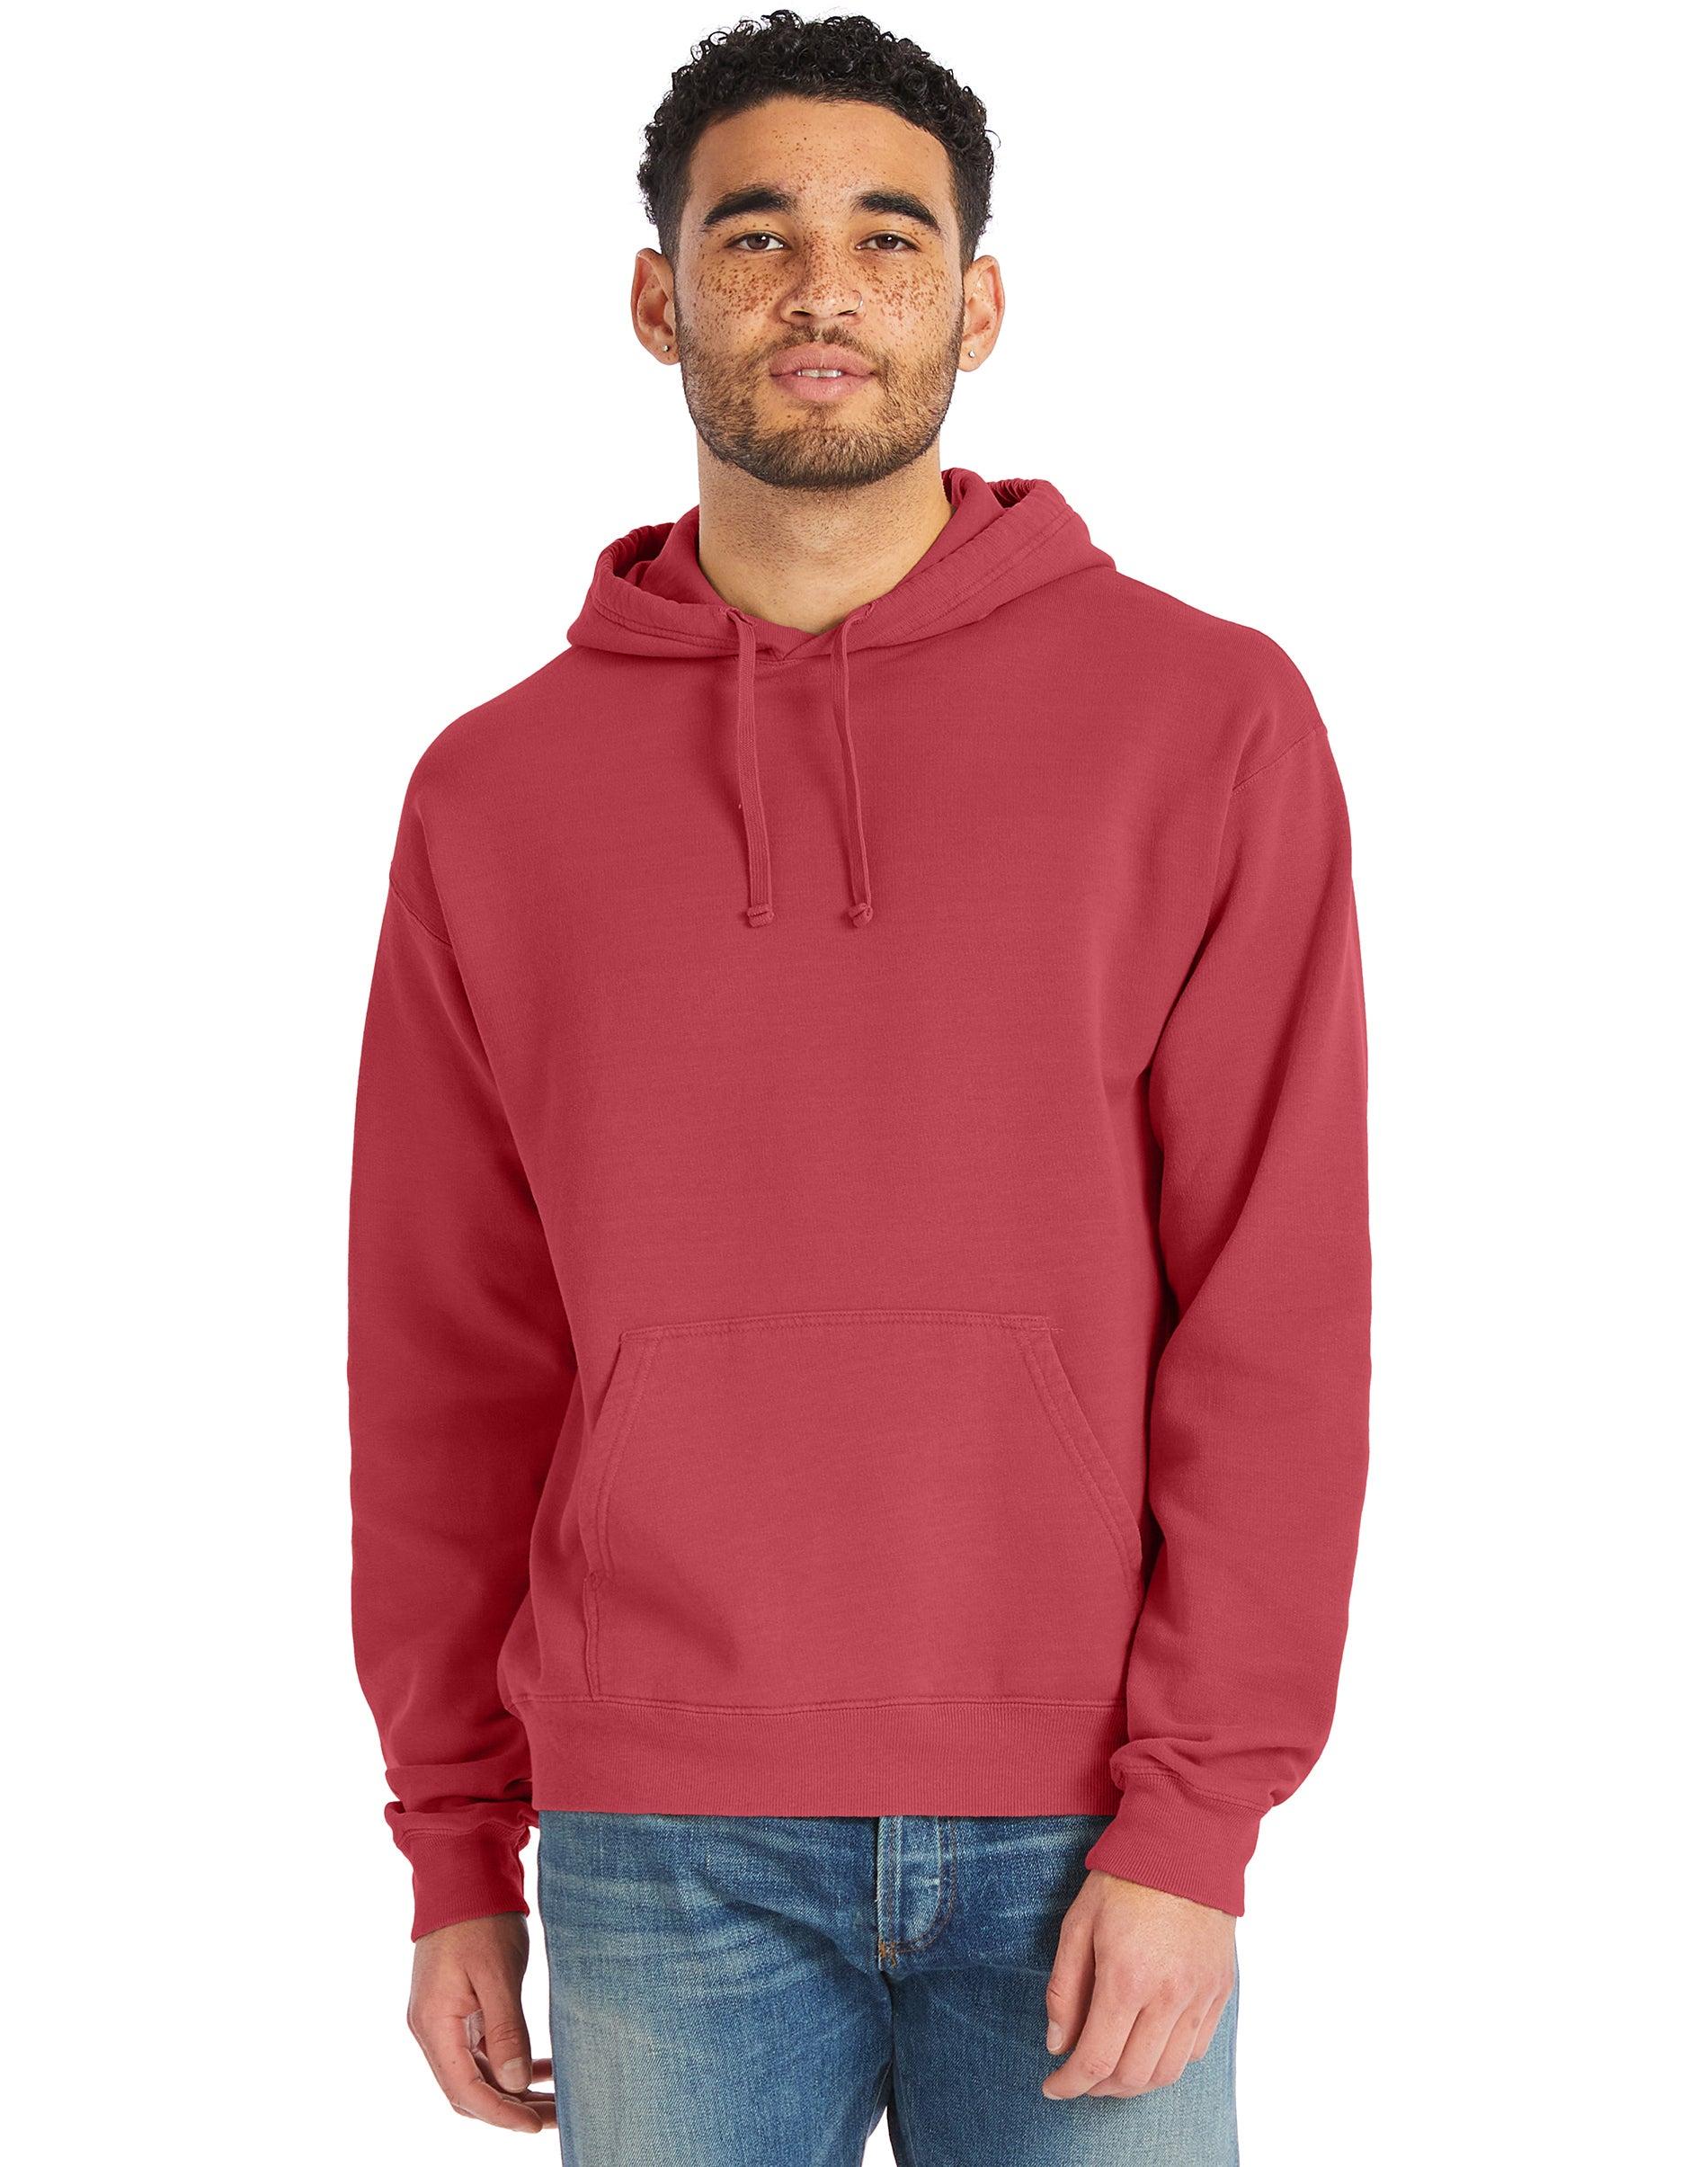 Hanes ComfortWash Garment Dyed Fleece Hoodie Sweatshirt Crimson Fall L Men's